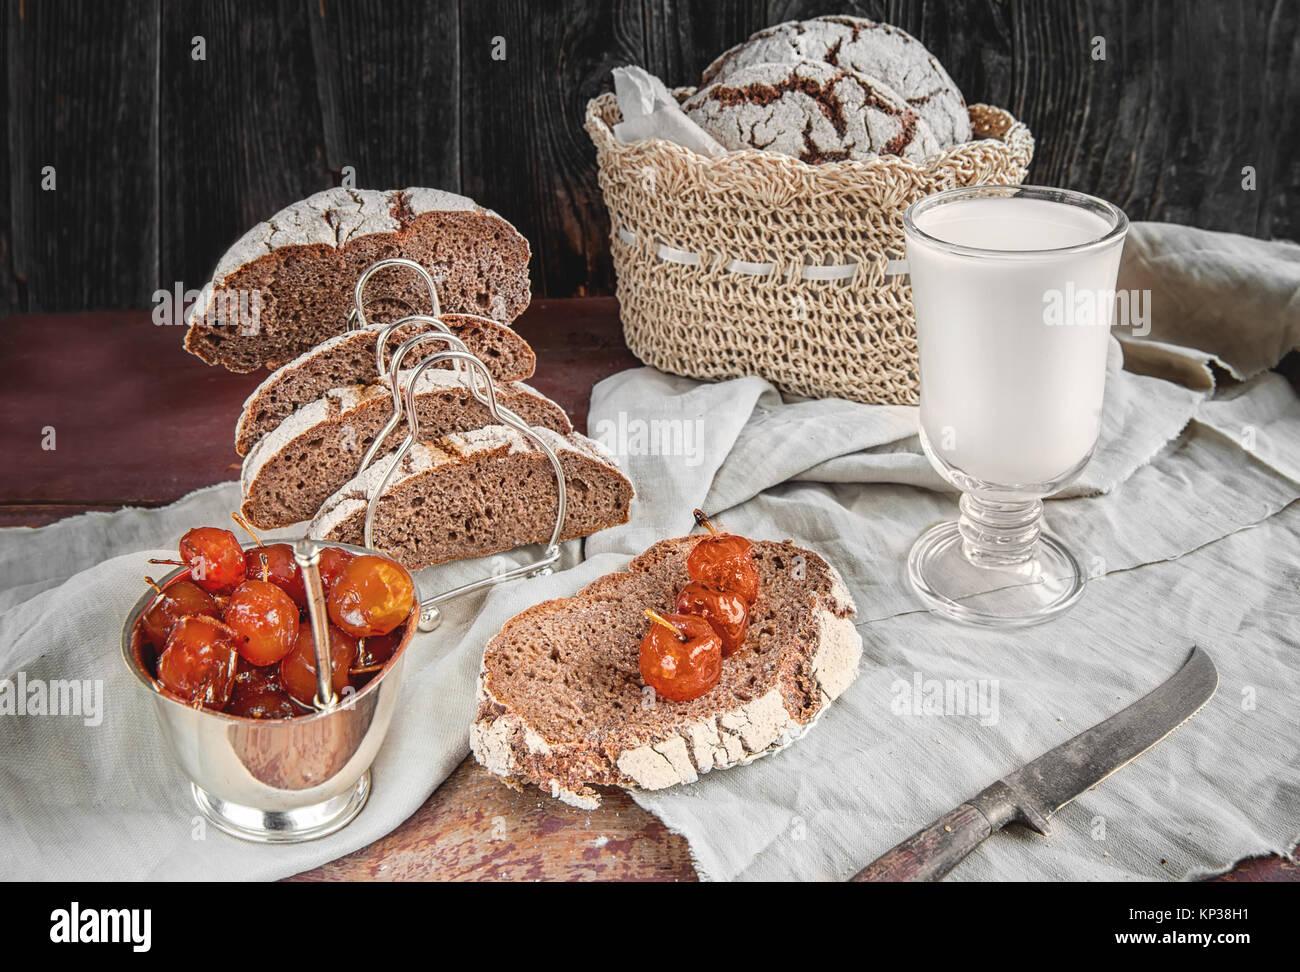 Belle miche de pain de blé blanche sur une plaque sur un bord du linge. Pâtisserie Maison avec de la confiture Photo Stock